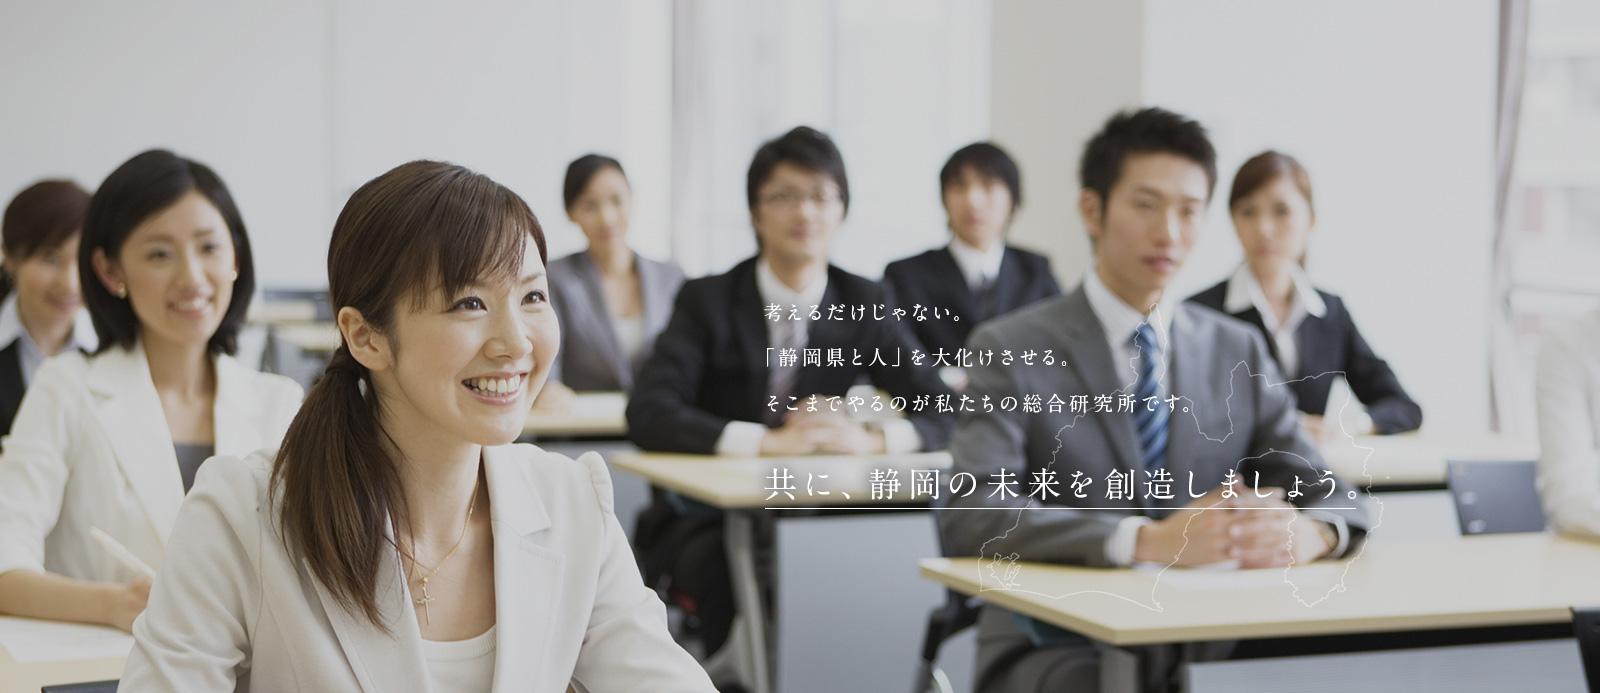 考えるだけじゃない。「静岡県と人」を大化けさせる。そこまでやるのが私たちの総合研究所です。共に、静岡の未来を創造しましょう。